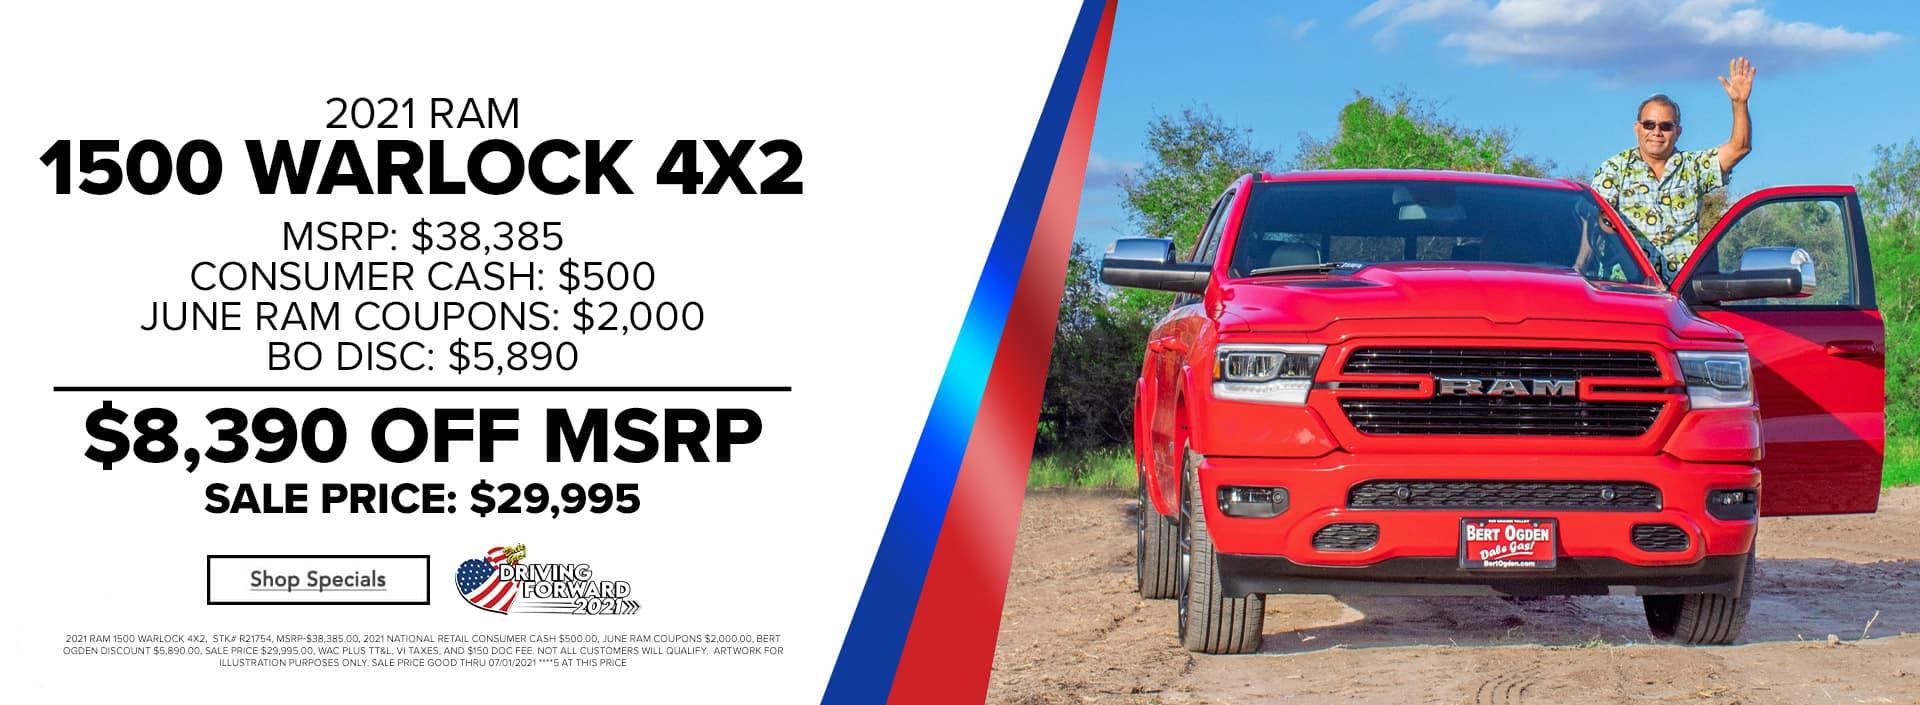 2021 Ram 1500 Warlock | Bert Ogden Auto Group